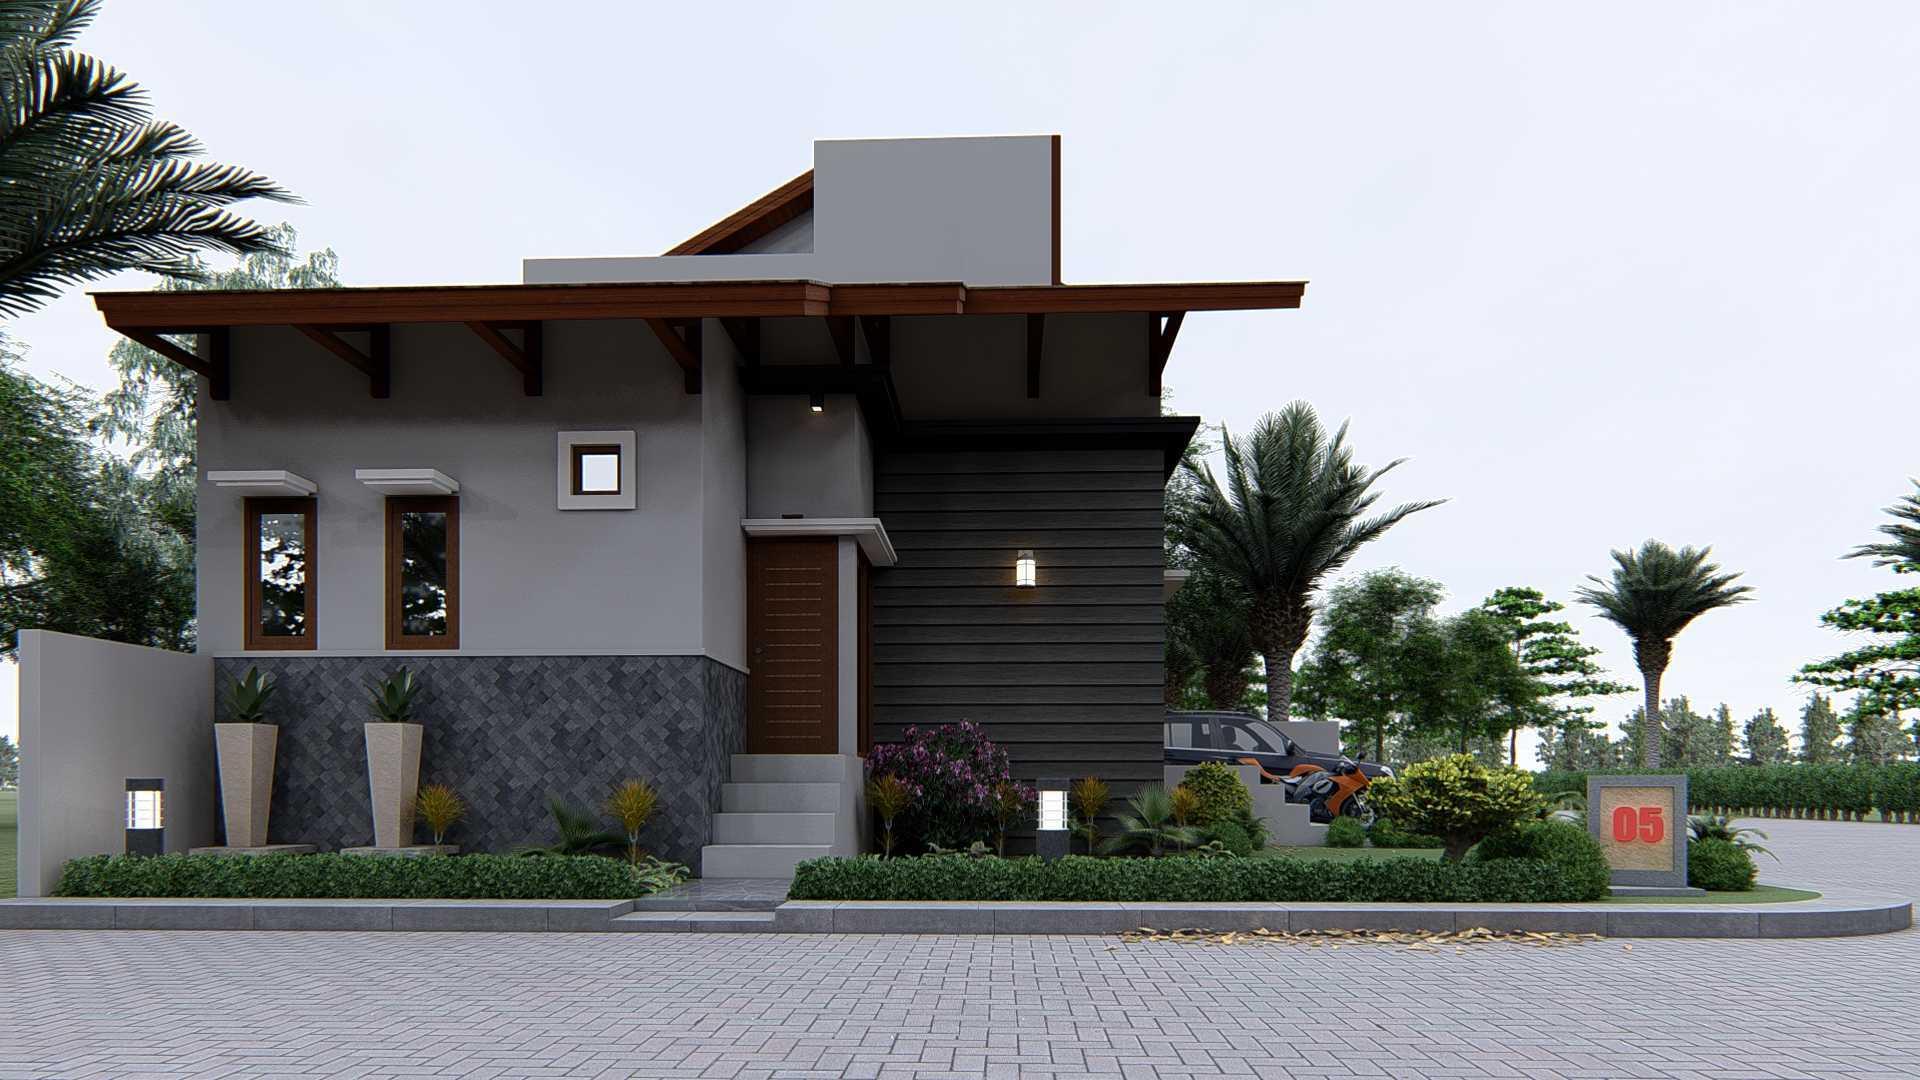 Artha Architect Rumah Di Tanah Hook Bekasi Bekasi, Kota Bks, Jawa Barat, Indonesia Bekasi, Kota Bks, Jawa Barat, Indonesia Artha-Solusindo-Rumah-Di-Tanah-Hook-Bekasi Tropical 102626